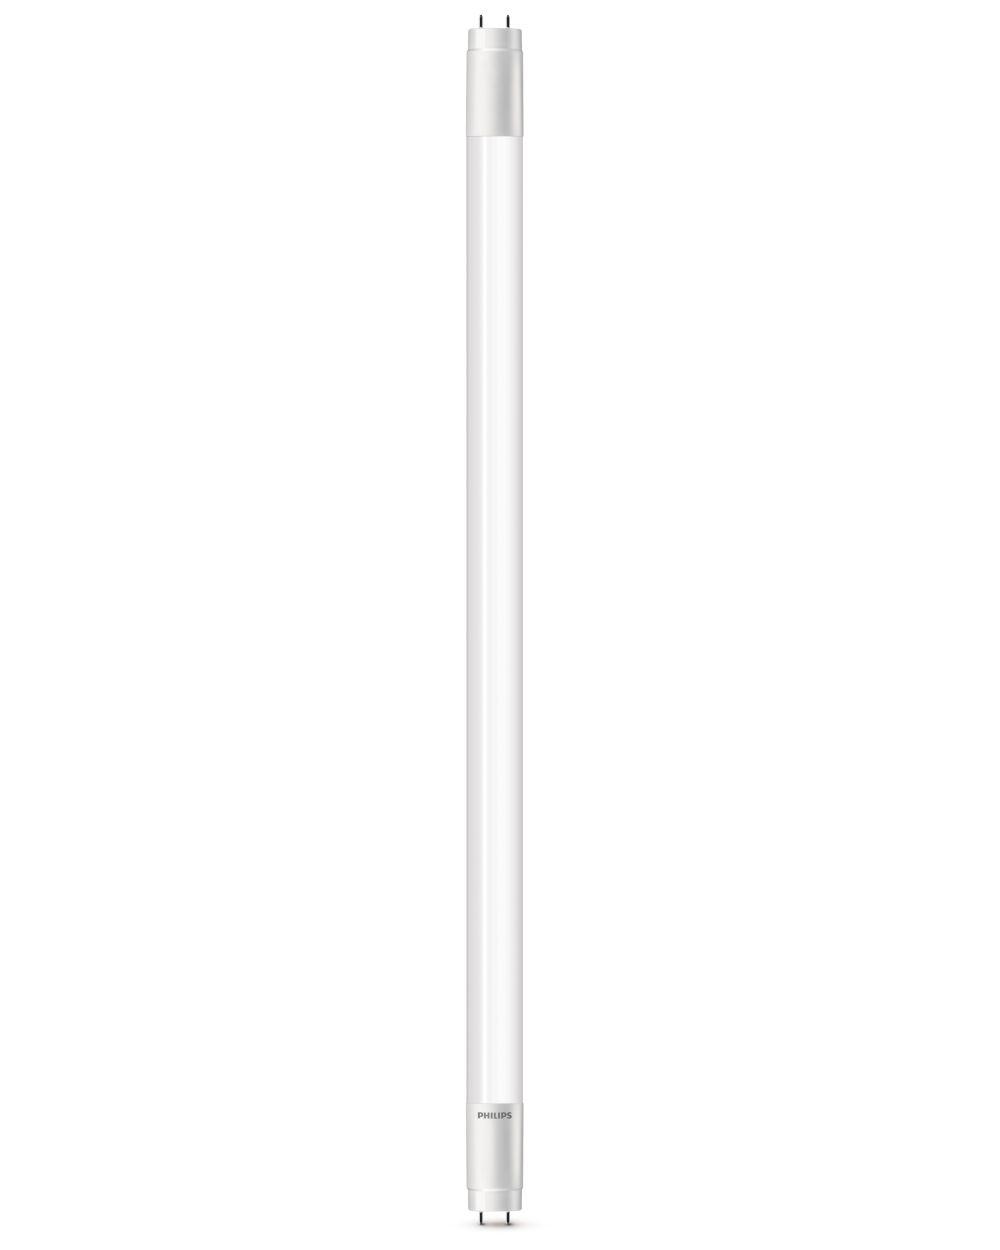 philips led lampe r hrenform 1200mm 18w 1600 lumen neutralwei es licht 4000k ebay. Black Bedroom Furniture Sets. Home Design Ideas